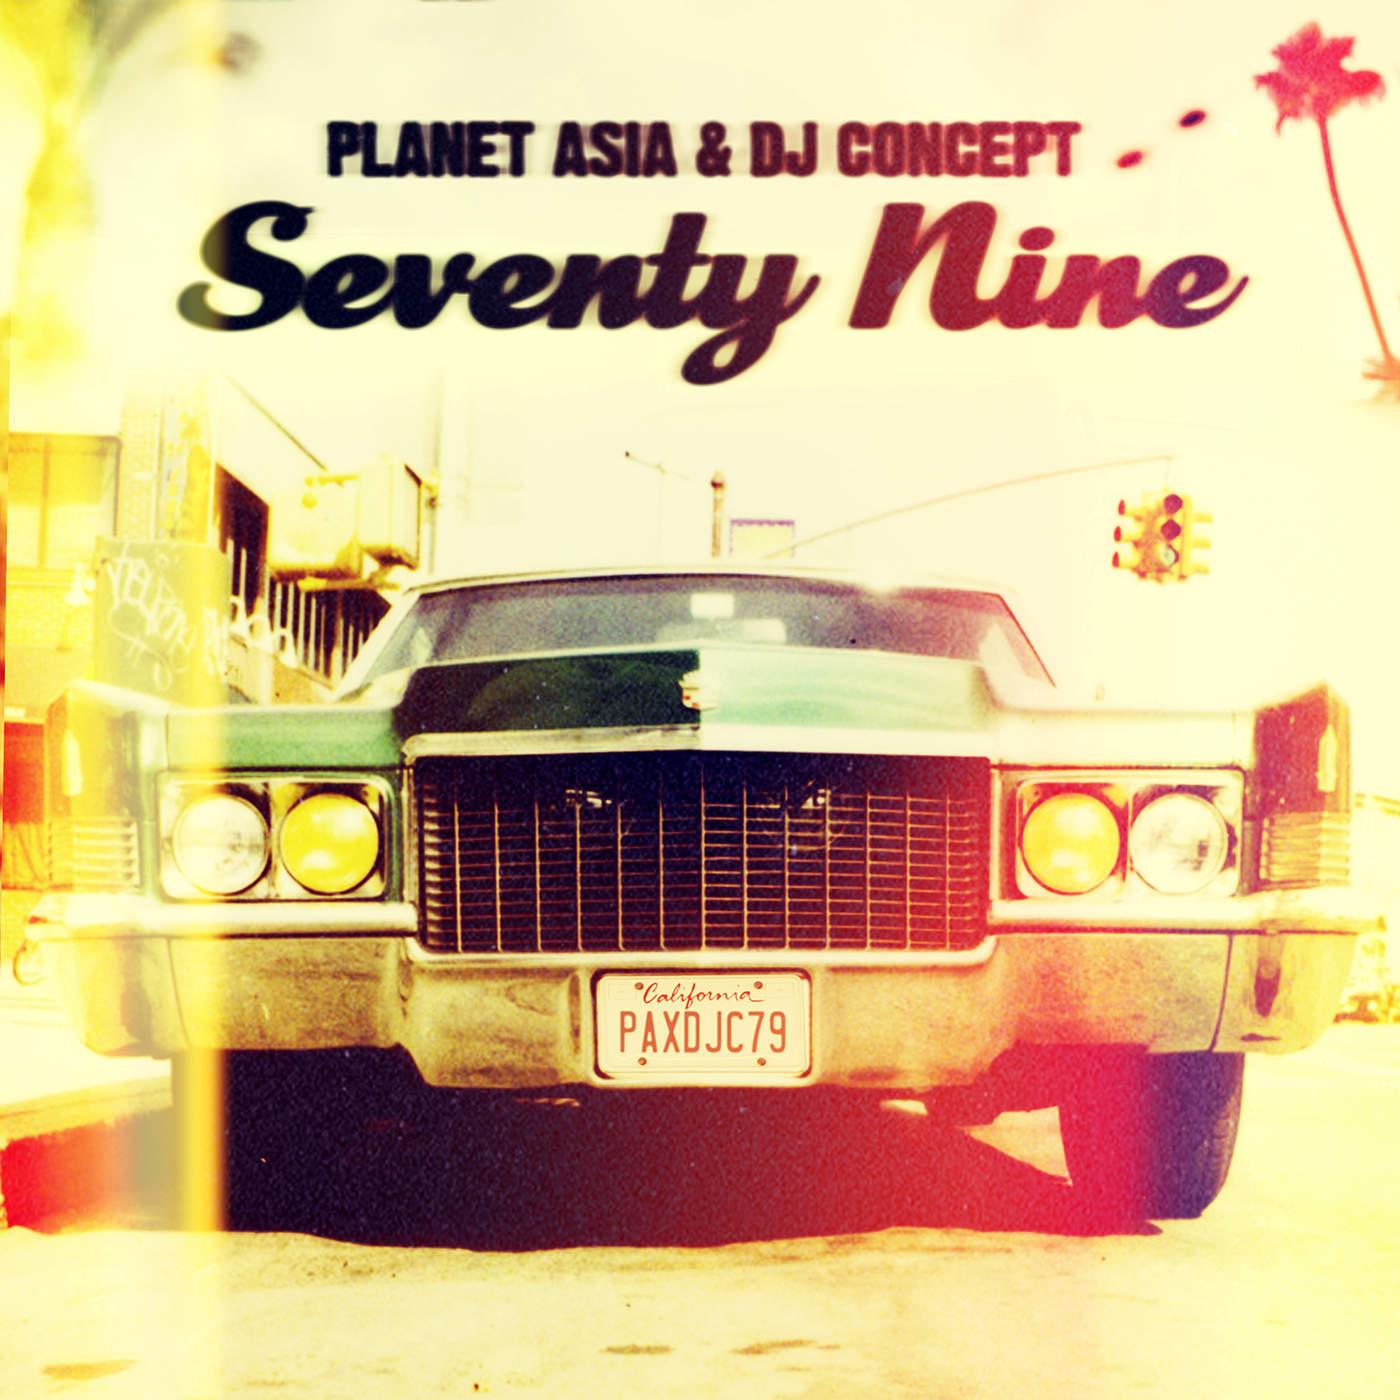 Planet Asia & DJ Concept - Seventy Nine Cover